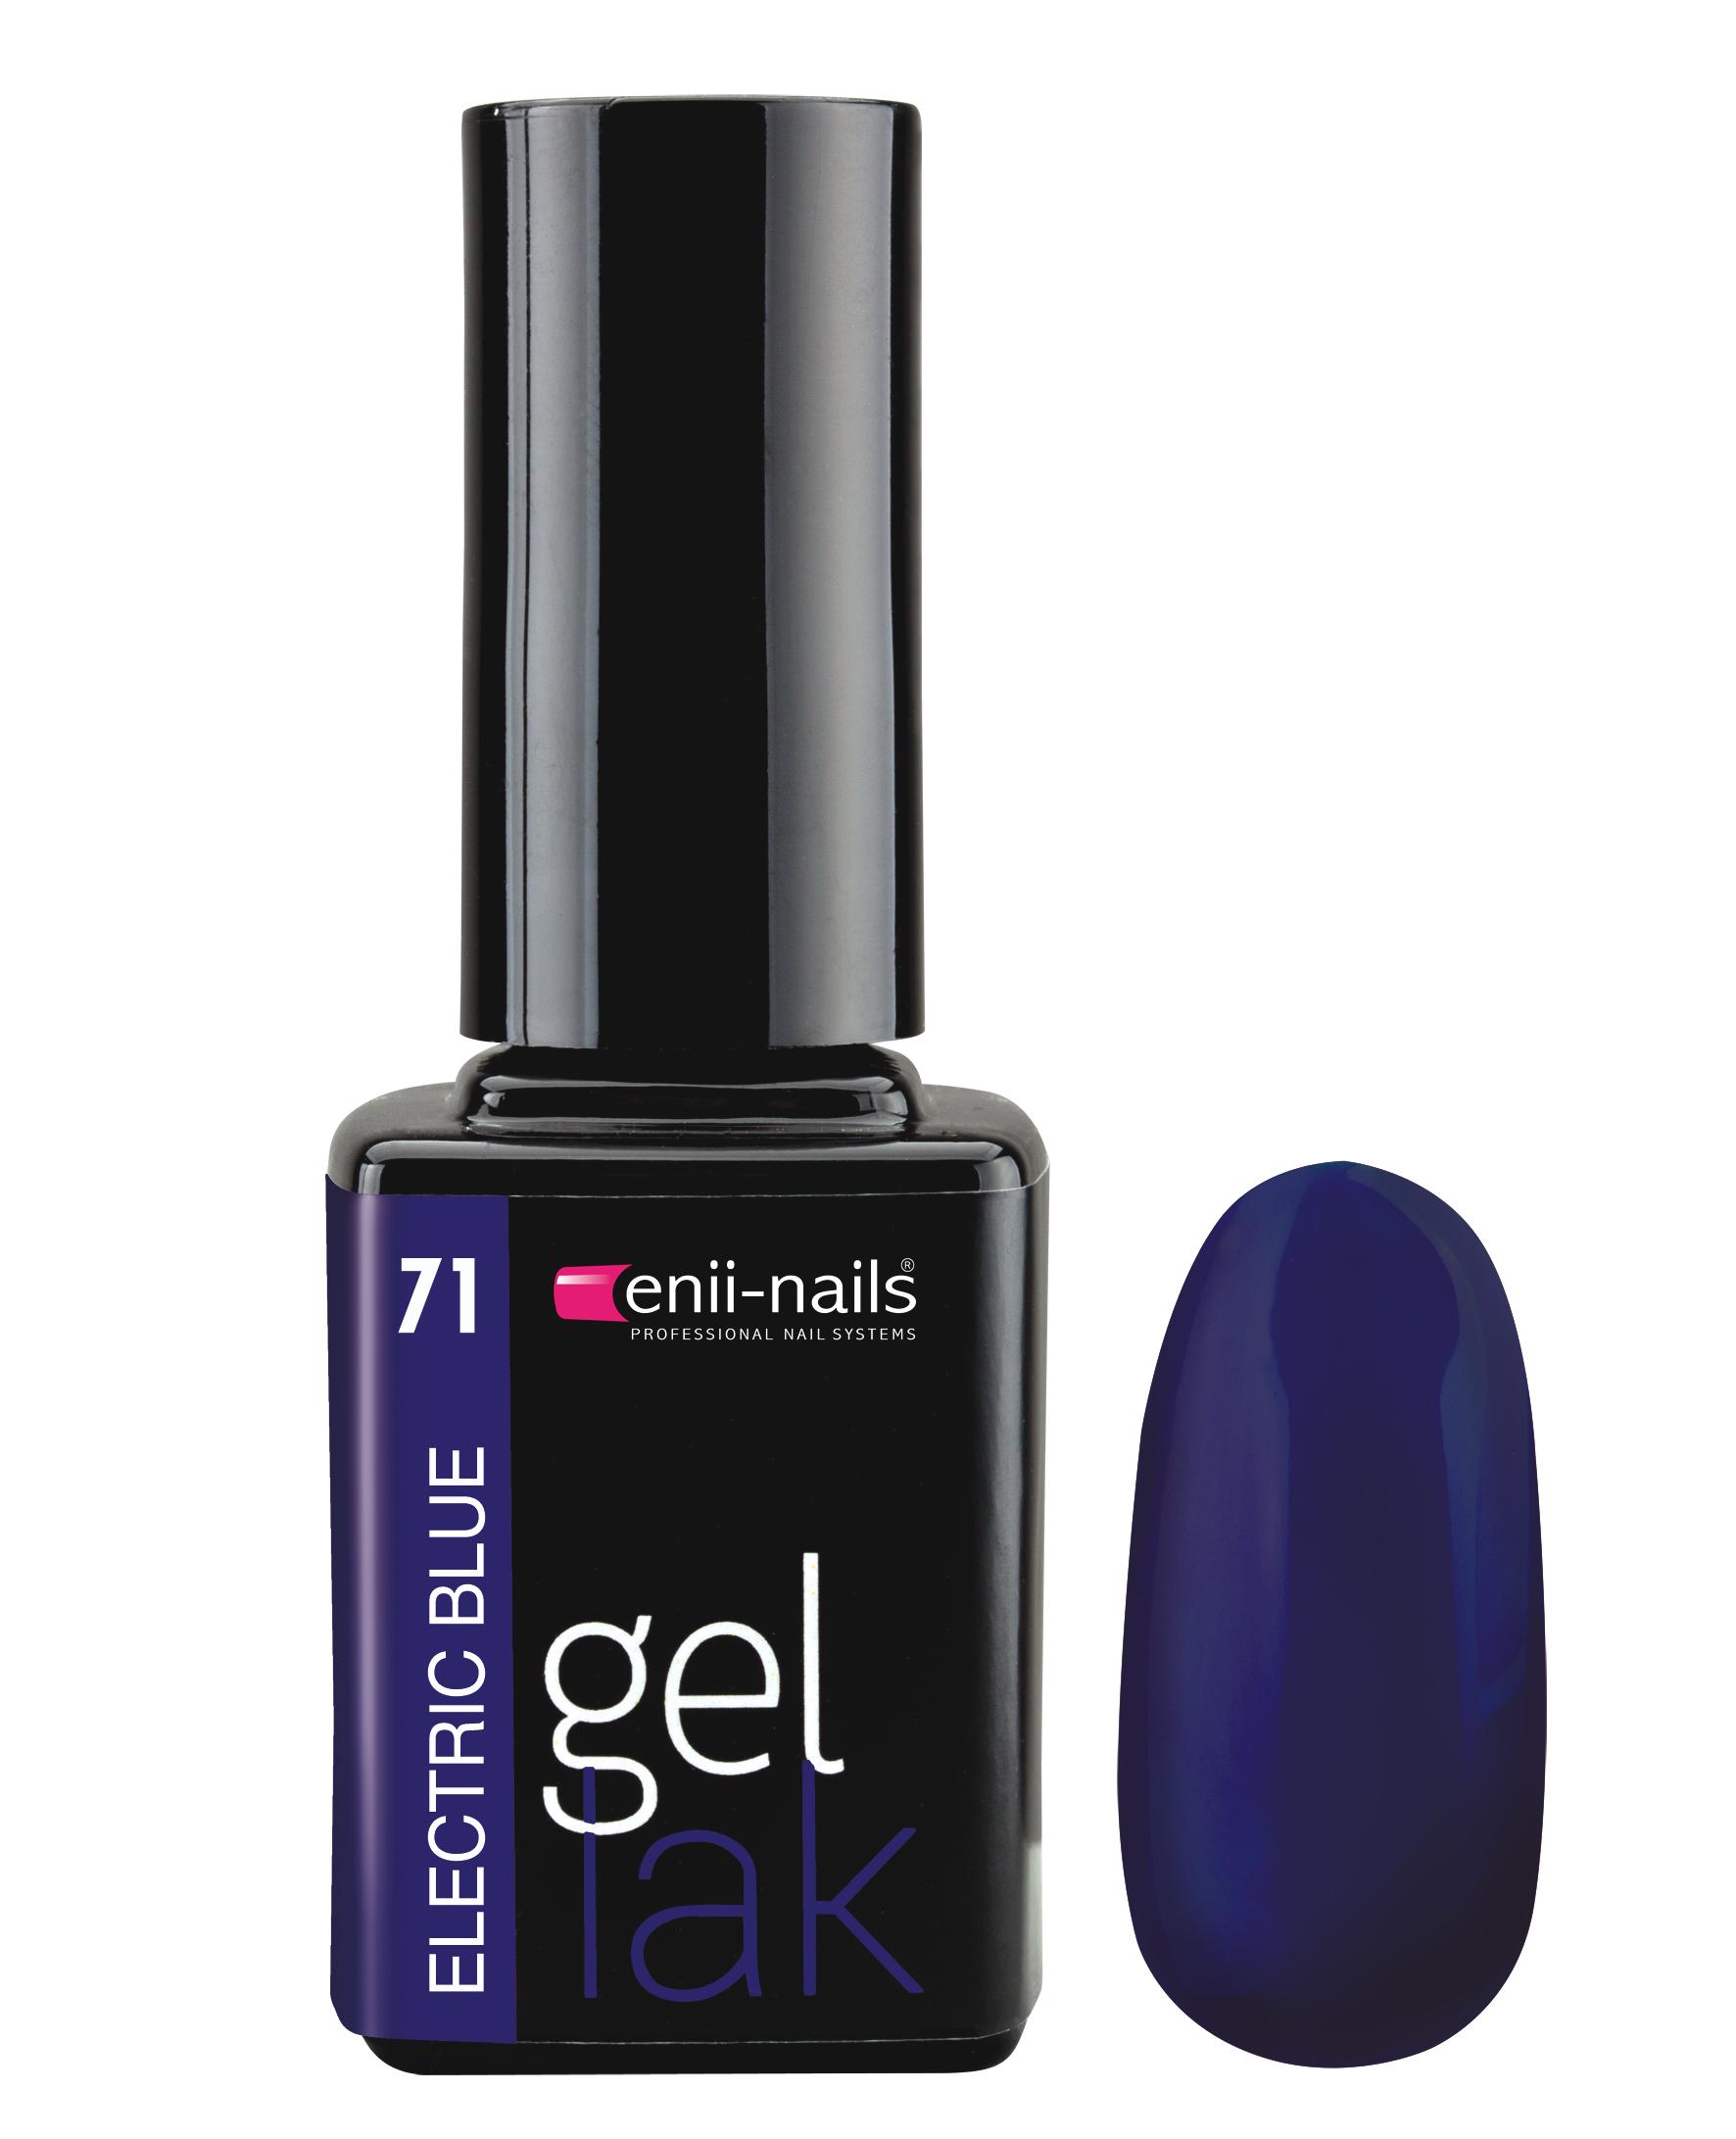 ENII-NAILS Gel lak 11 ml - Electric blue